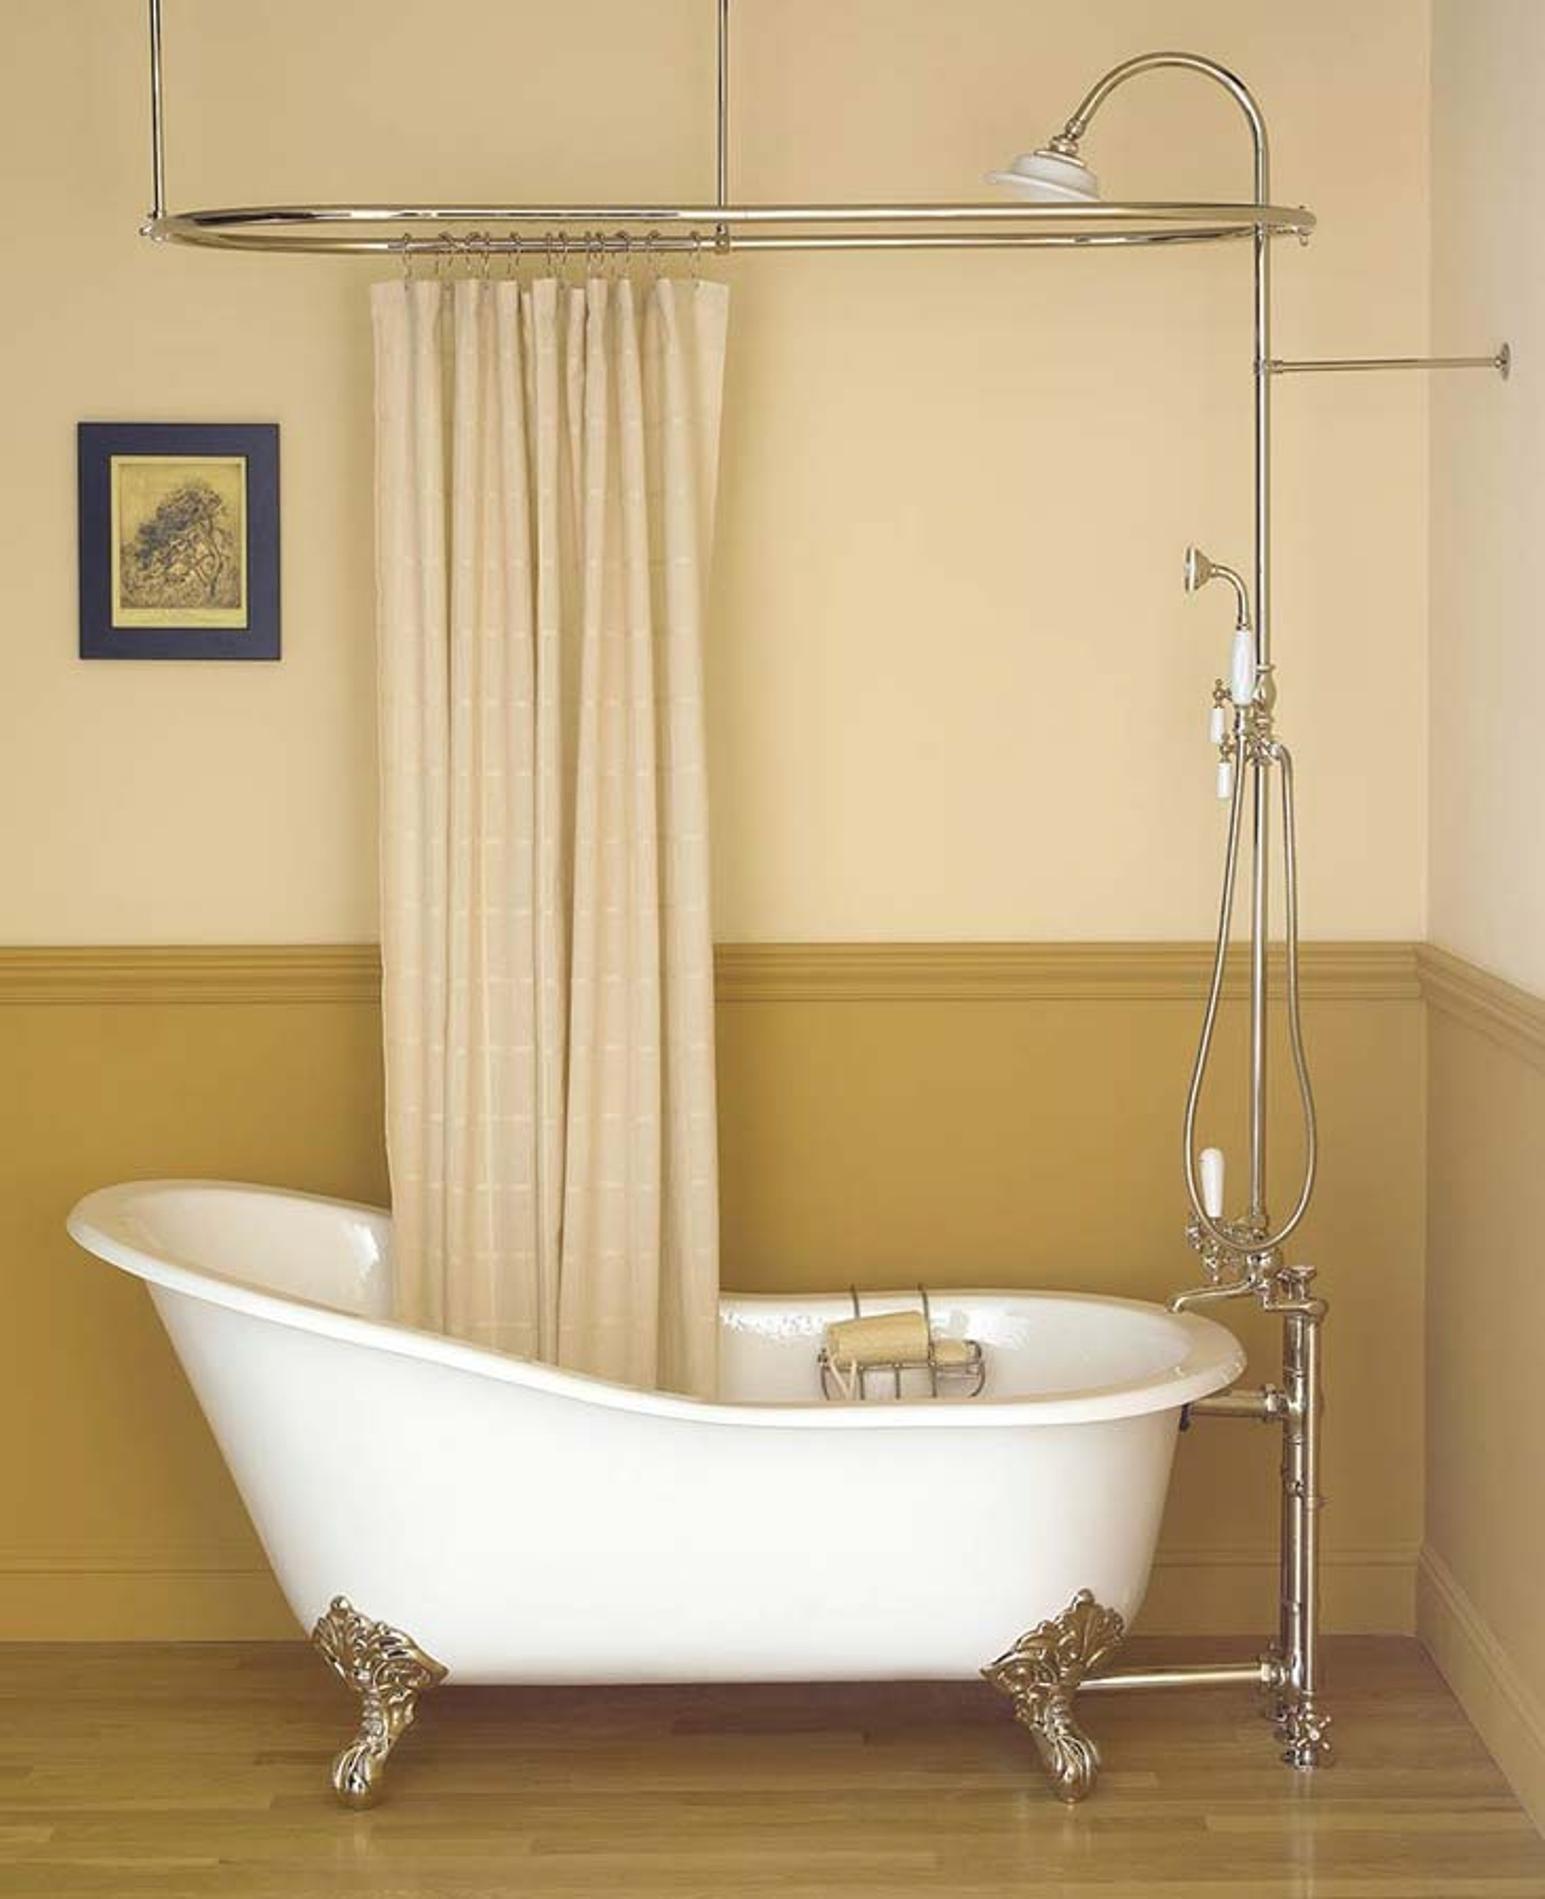 Freestanding Tub With Shower And Shower Curtain Rod Mit Bildern